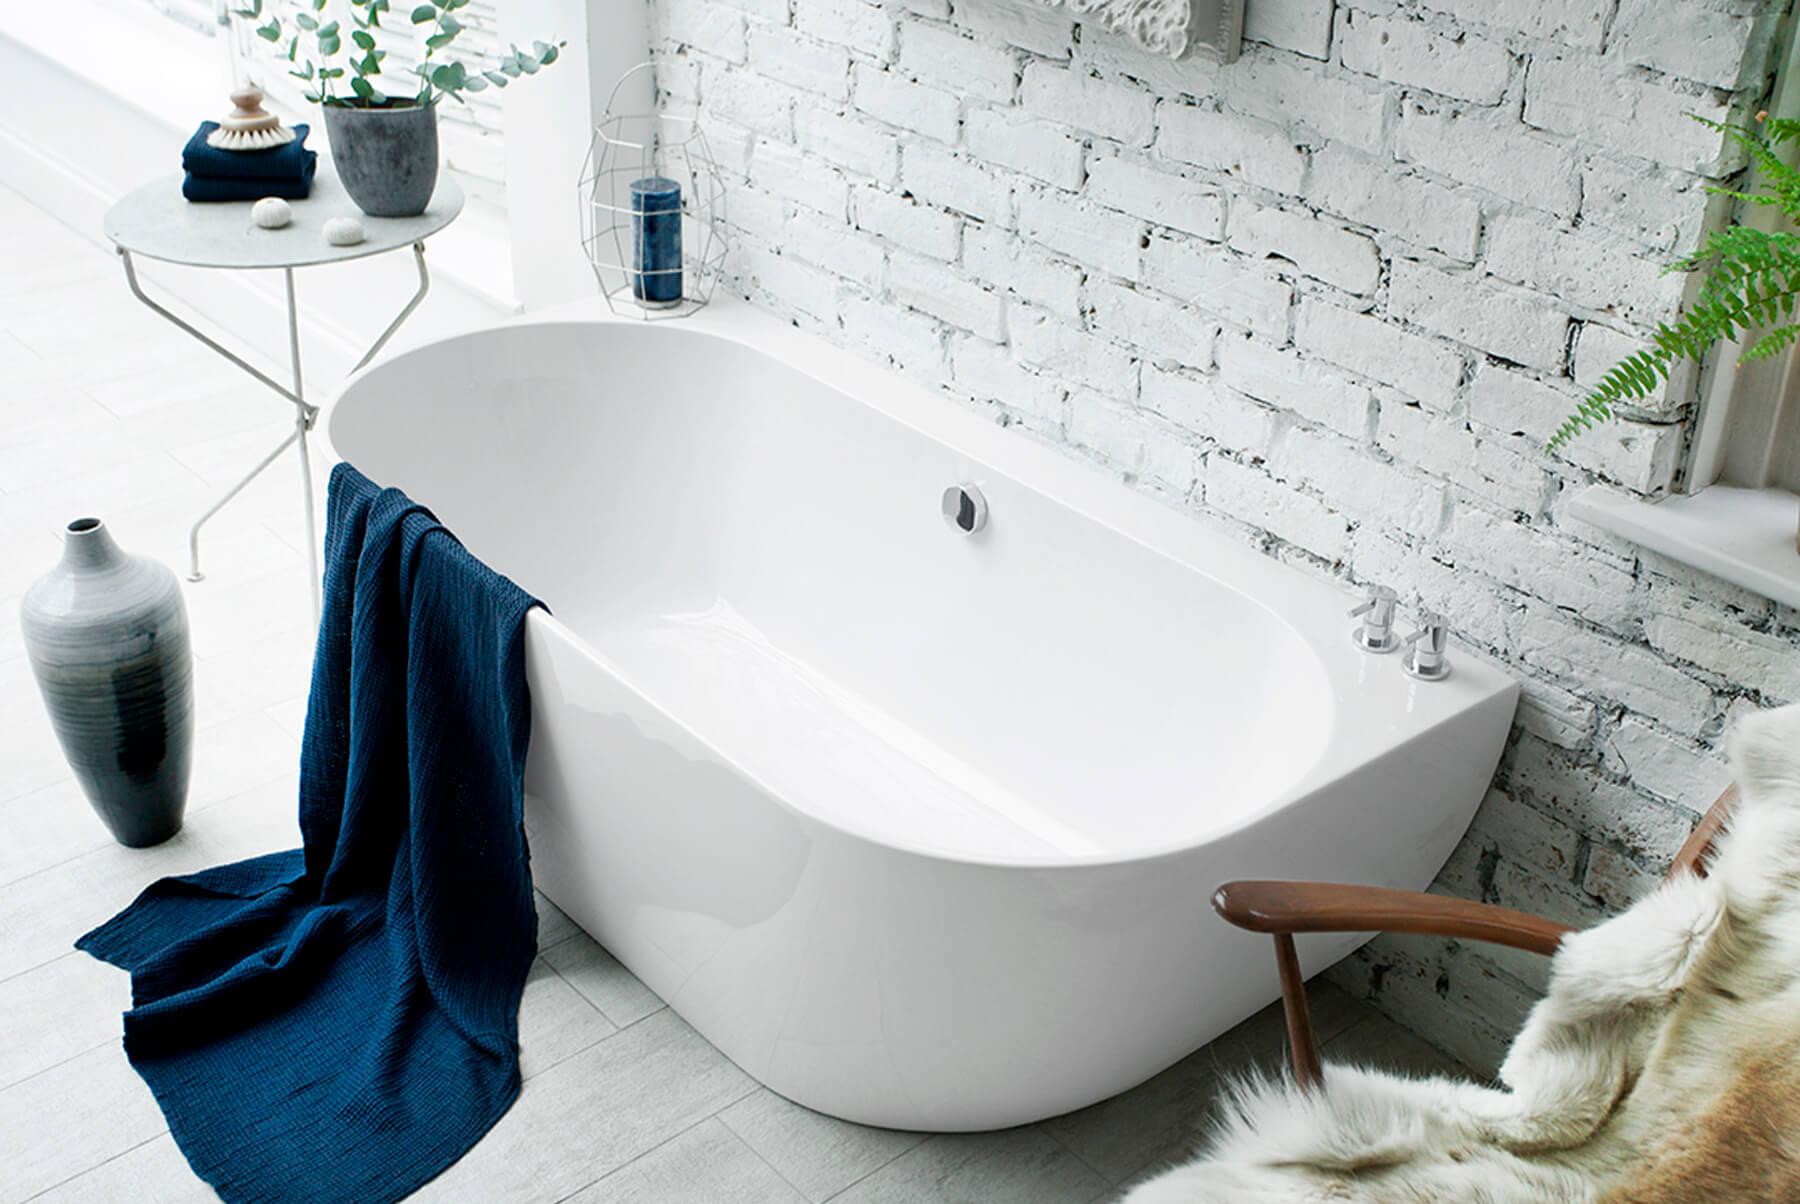 Bath-Tubs-WATERS-LOCHE-BTW-LIFESTYLE-2-1800x1204